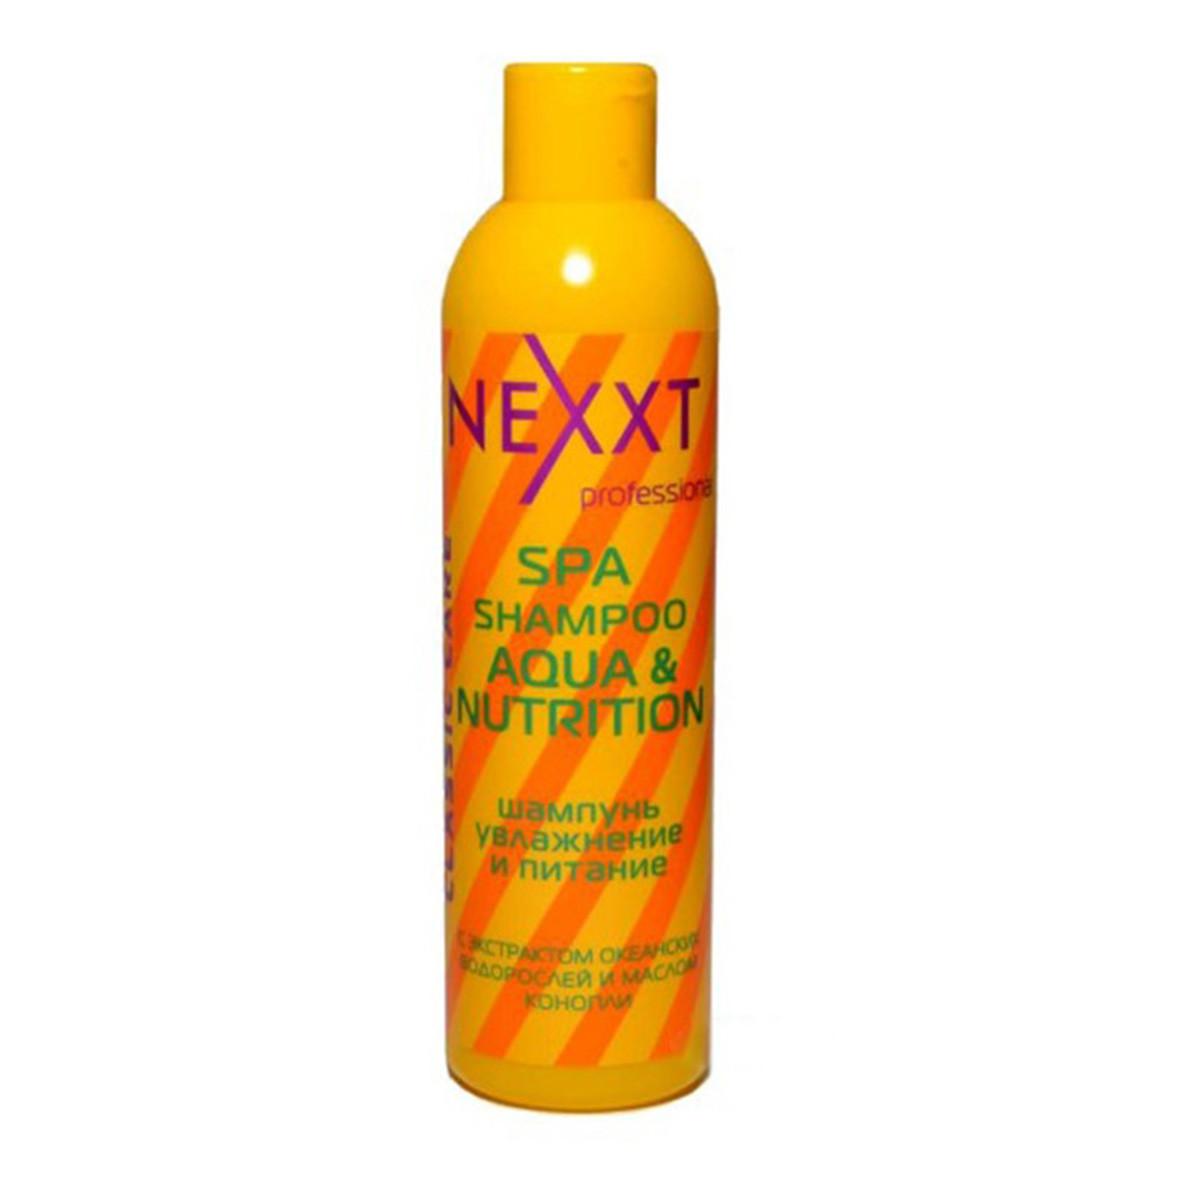 Шампунь Nexxt Professional увлажнение и питание 250 мл